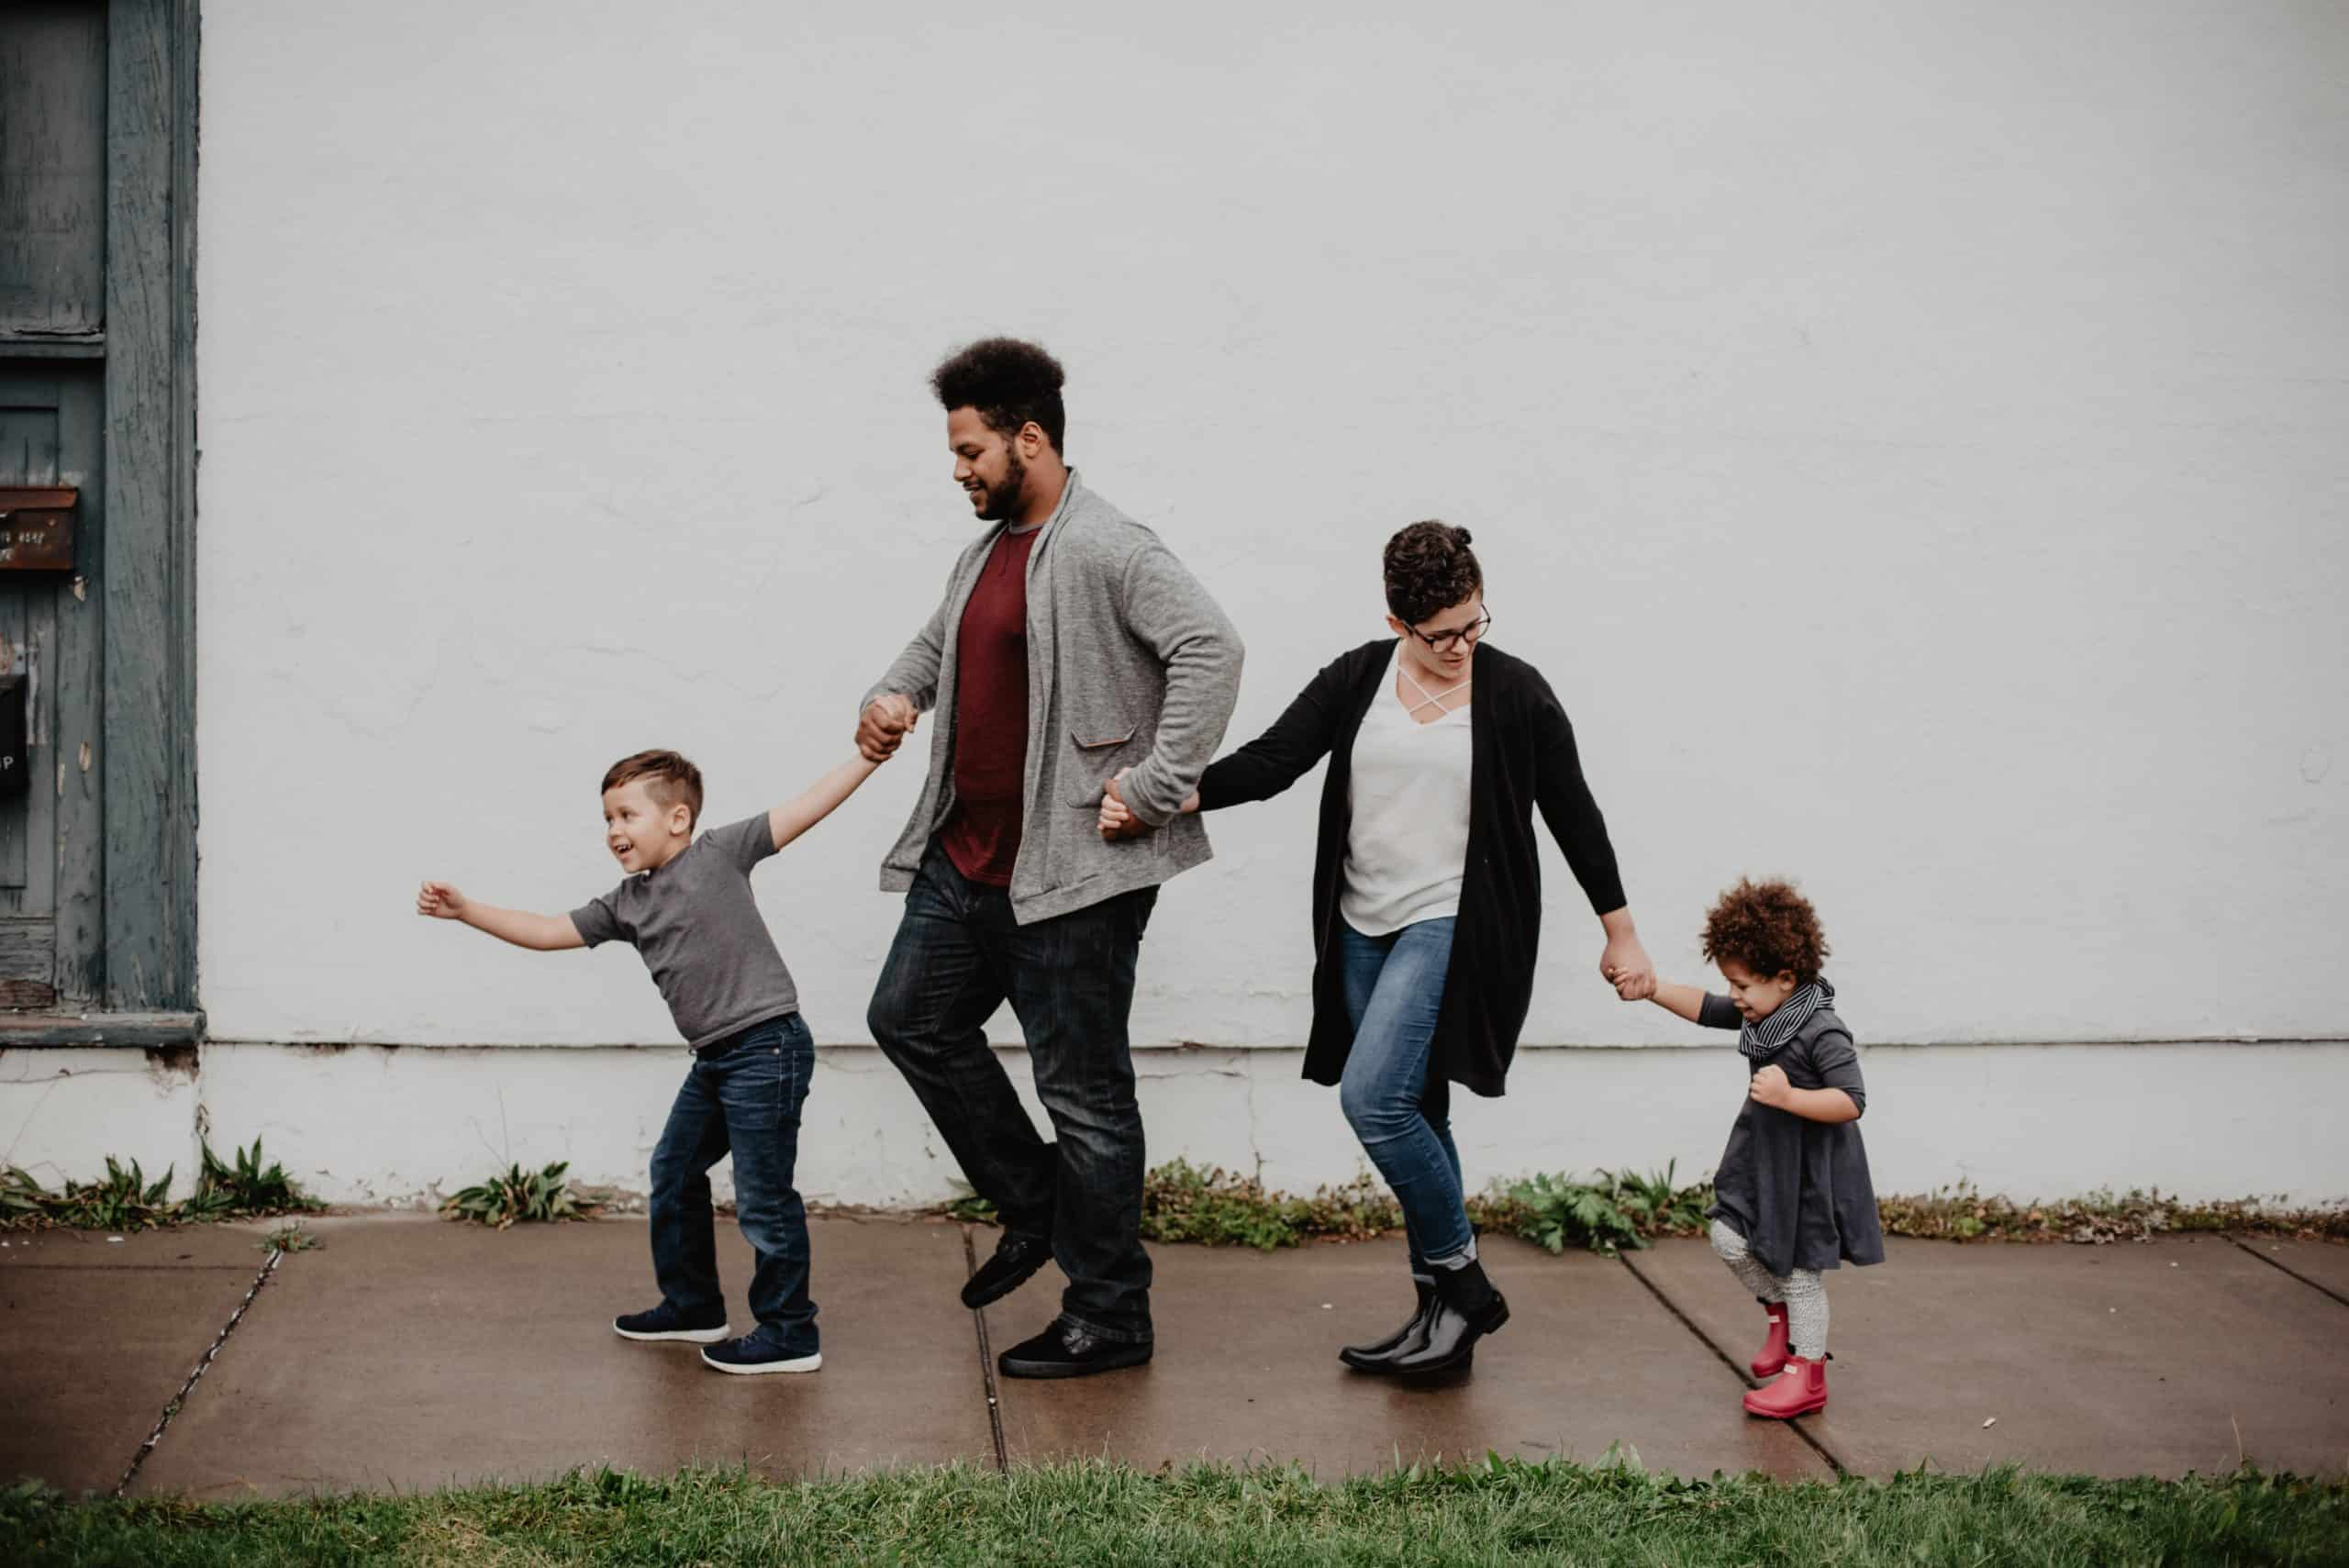 la photo présente une famille de 4 membres: le père, la mère et les deux enfants: chacun des quatre membres apparaît dans la Fiche Famille.